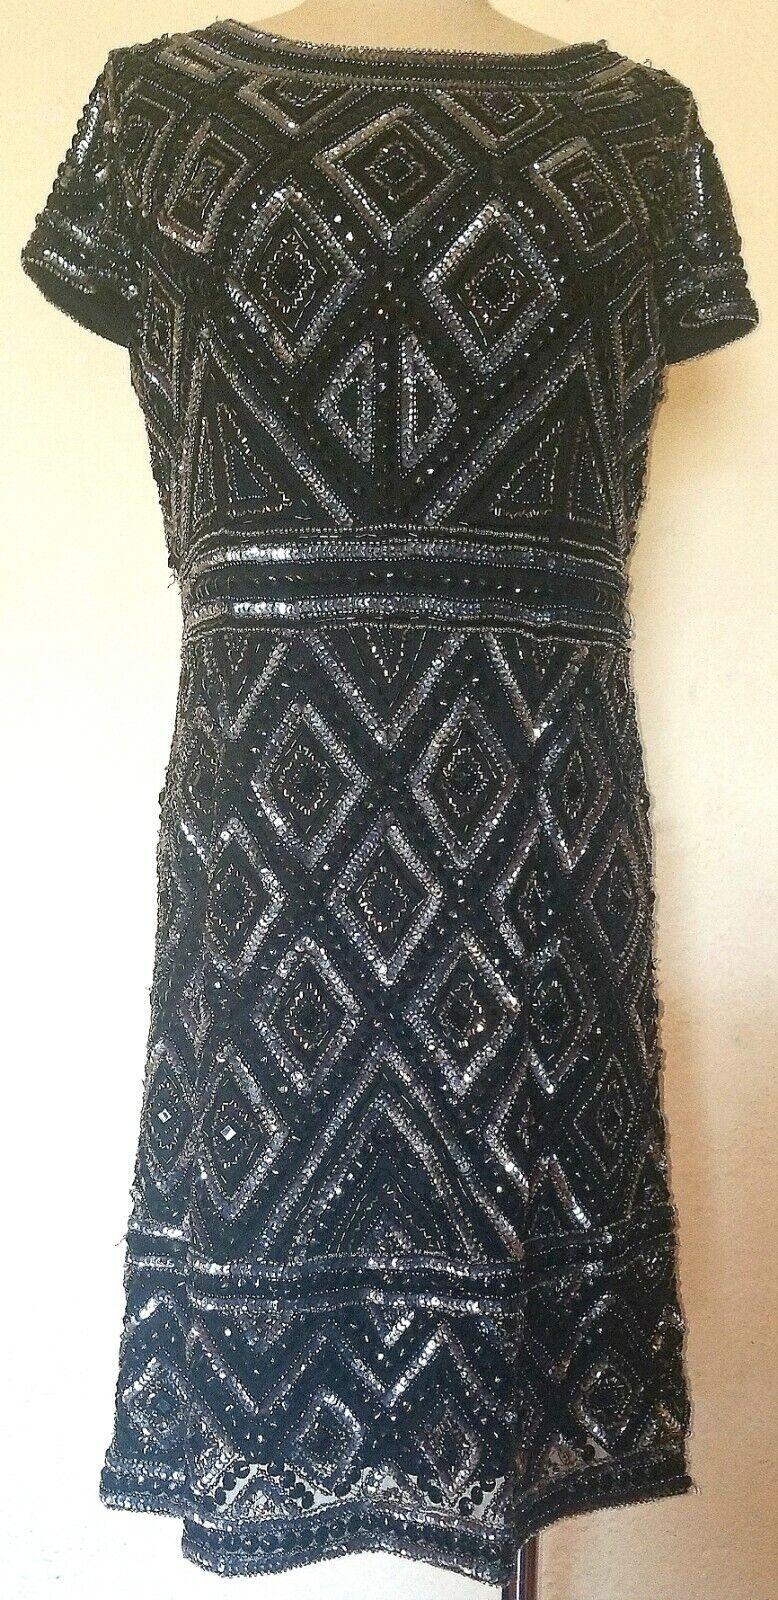 Vintage Adrianna Papell schwarz Sequin Short Sleeve Dress Größe M